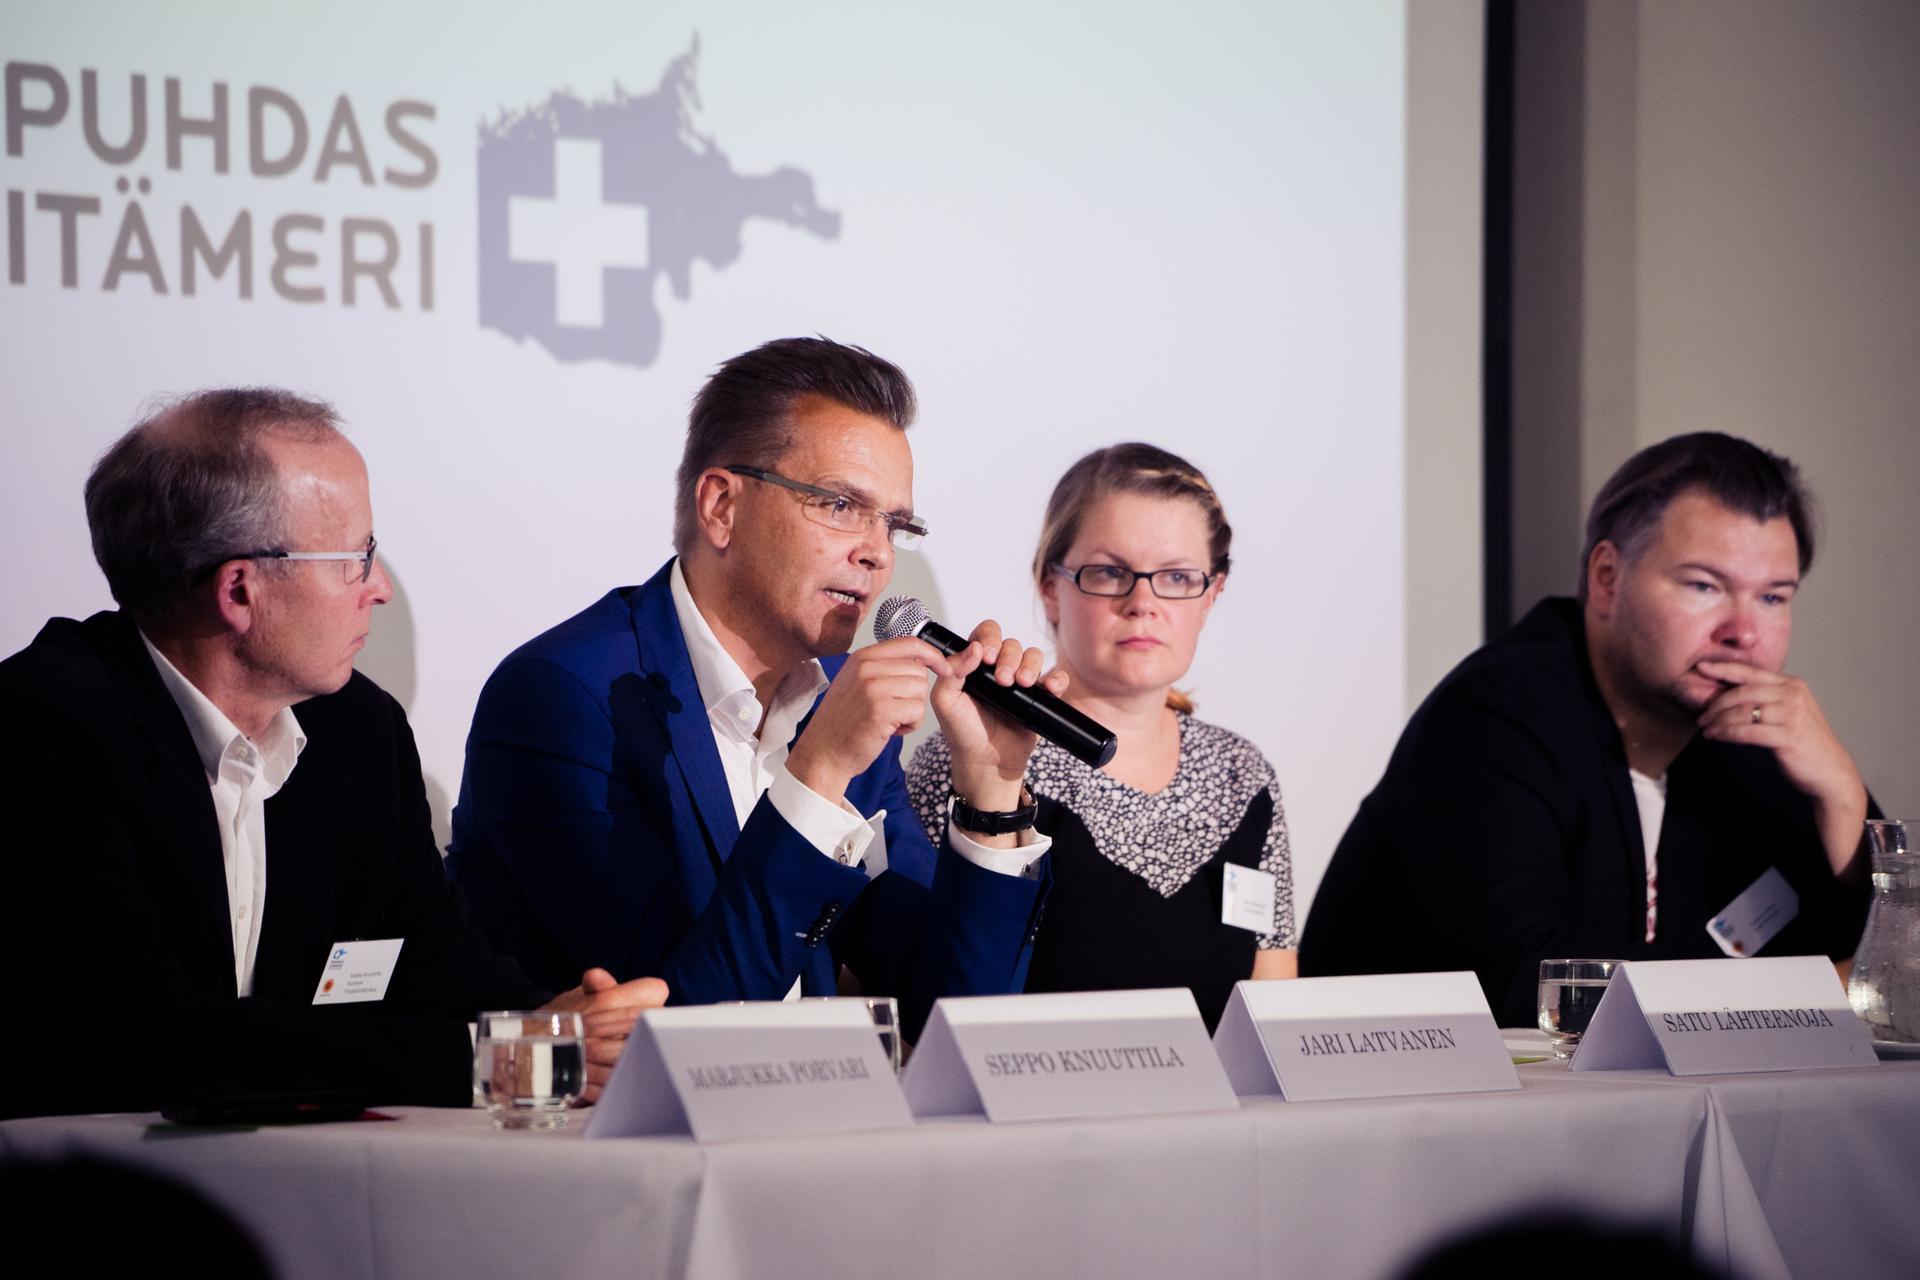 Paneelikeskustelussa pohdittiin kuluttajan mahdollisuutta vaikuttaa Itämeren tilaan.